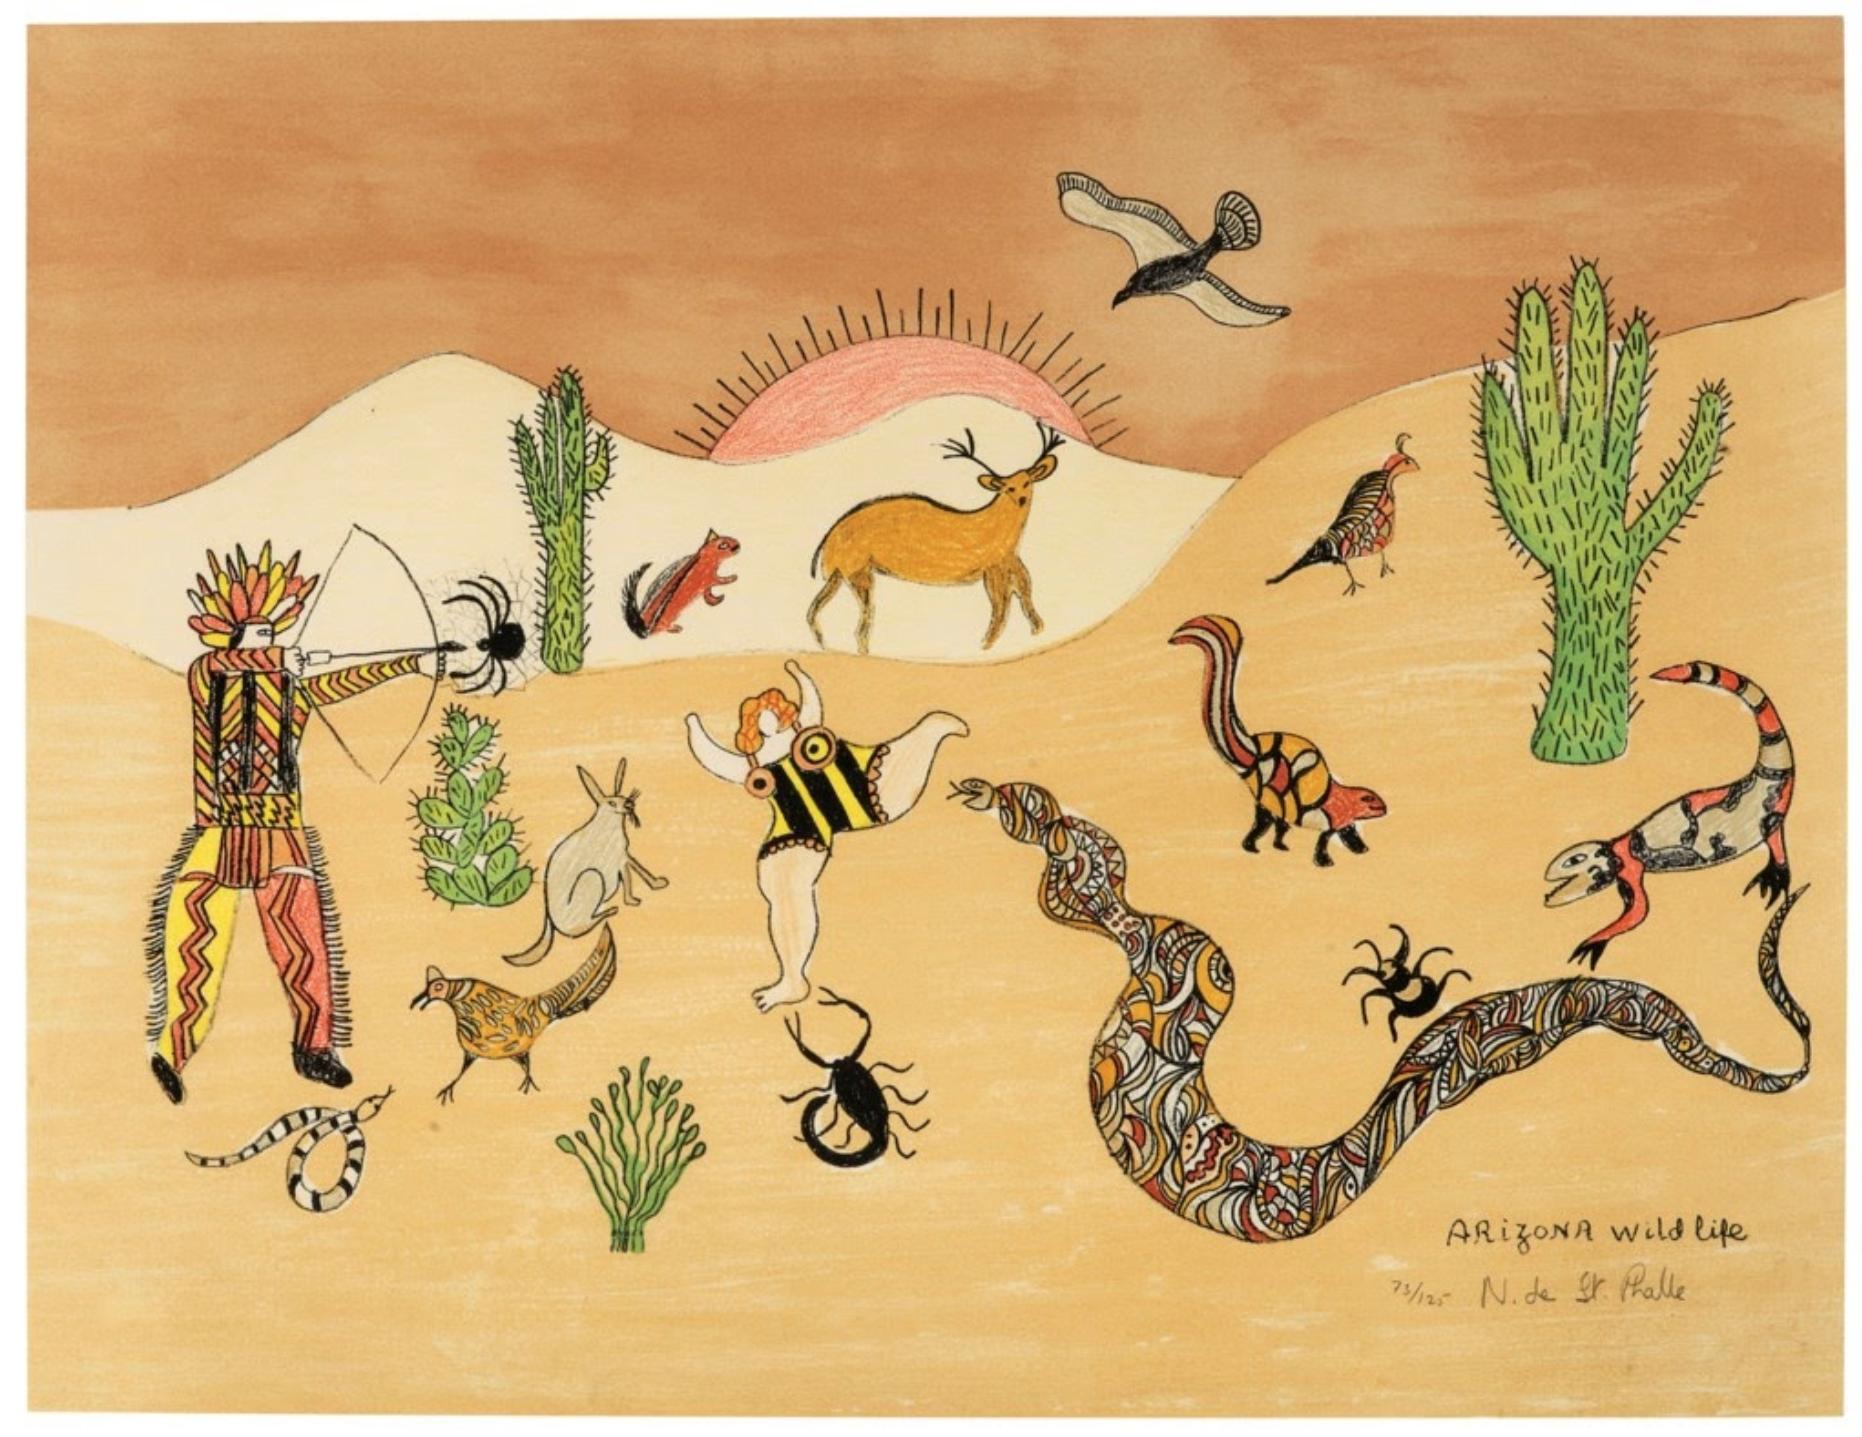 Niki de Saint Phalle, Arizona Wildlife, 1982,Lithograph.